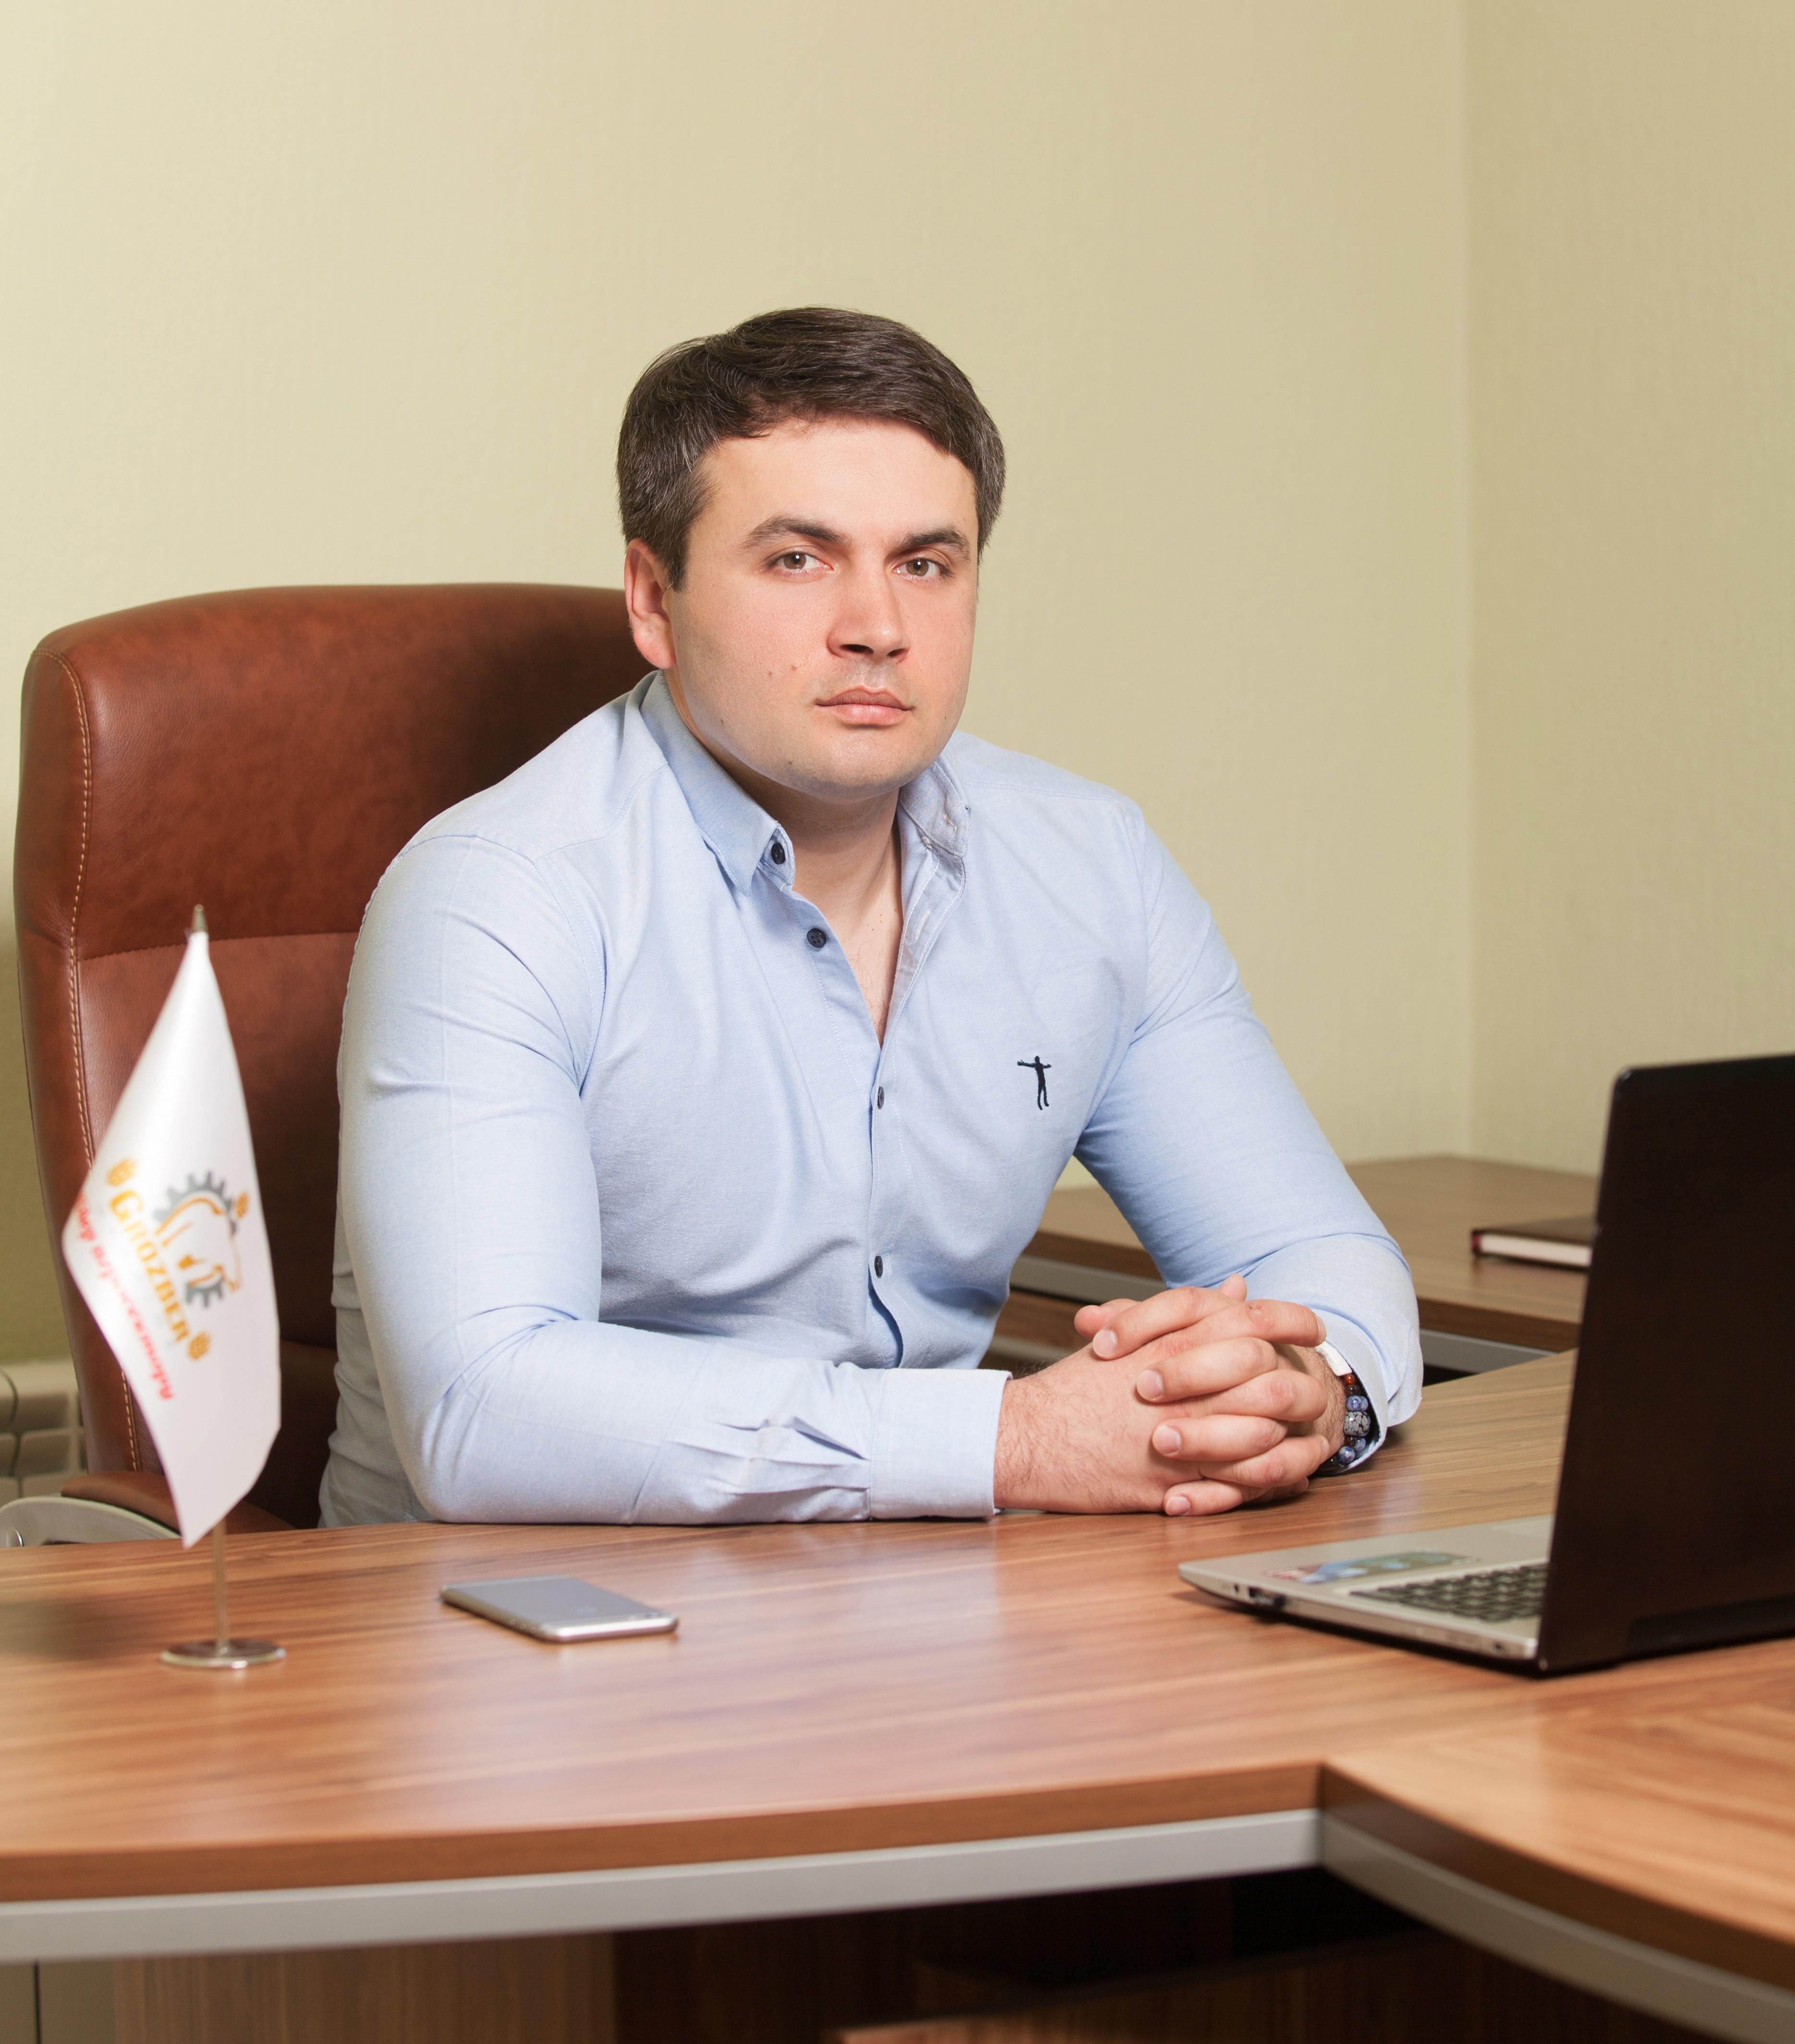 Як Українці купують запчастини до імпортної сільгосптехніки?